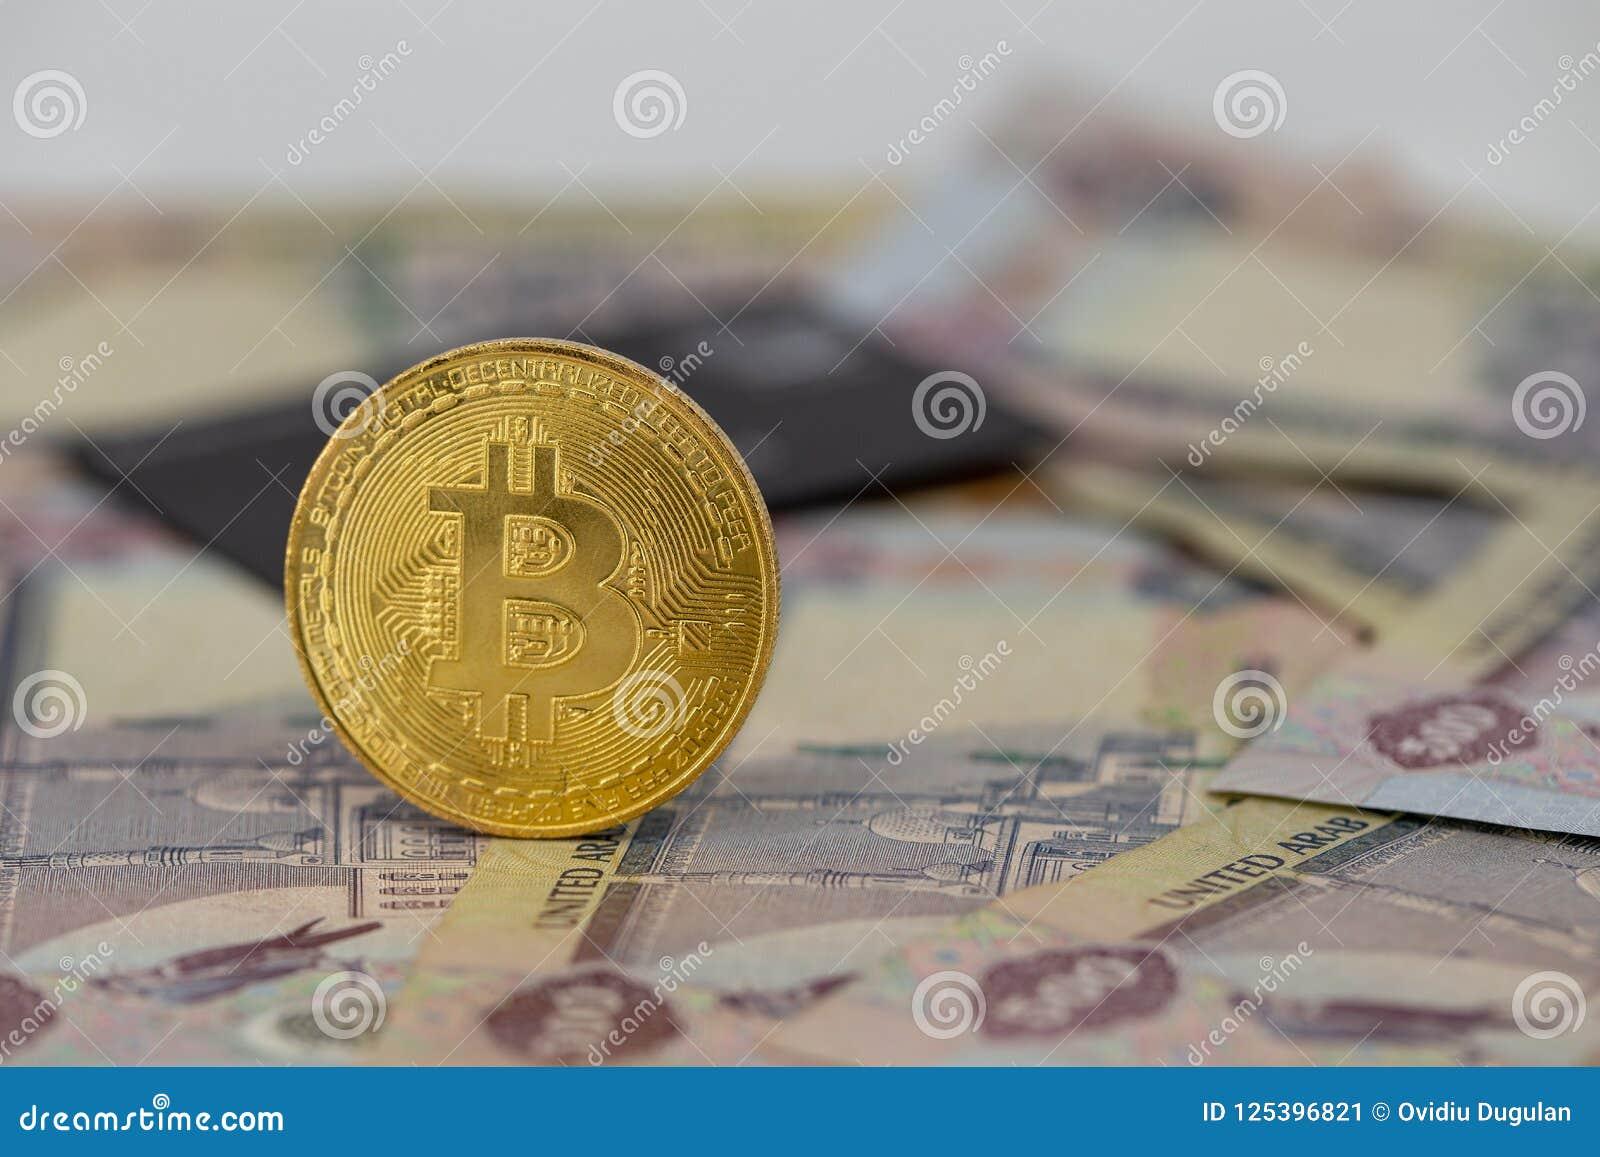 poți să cumperi bitcoin cu scottrade